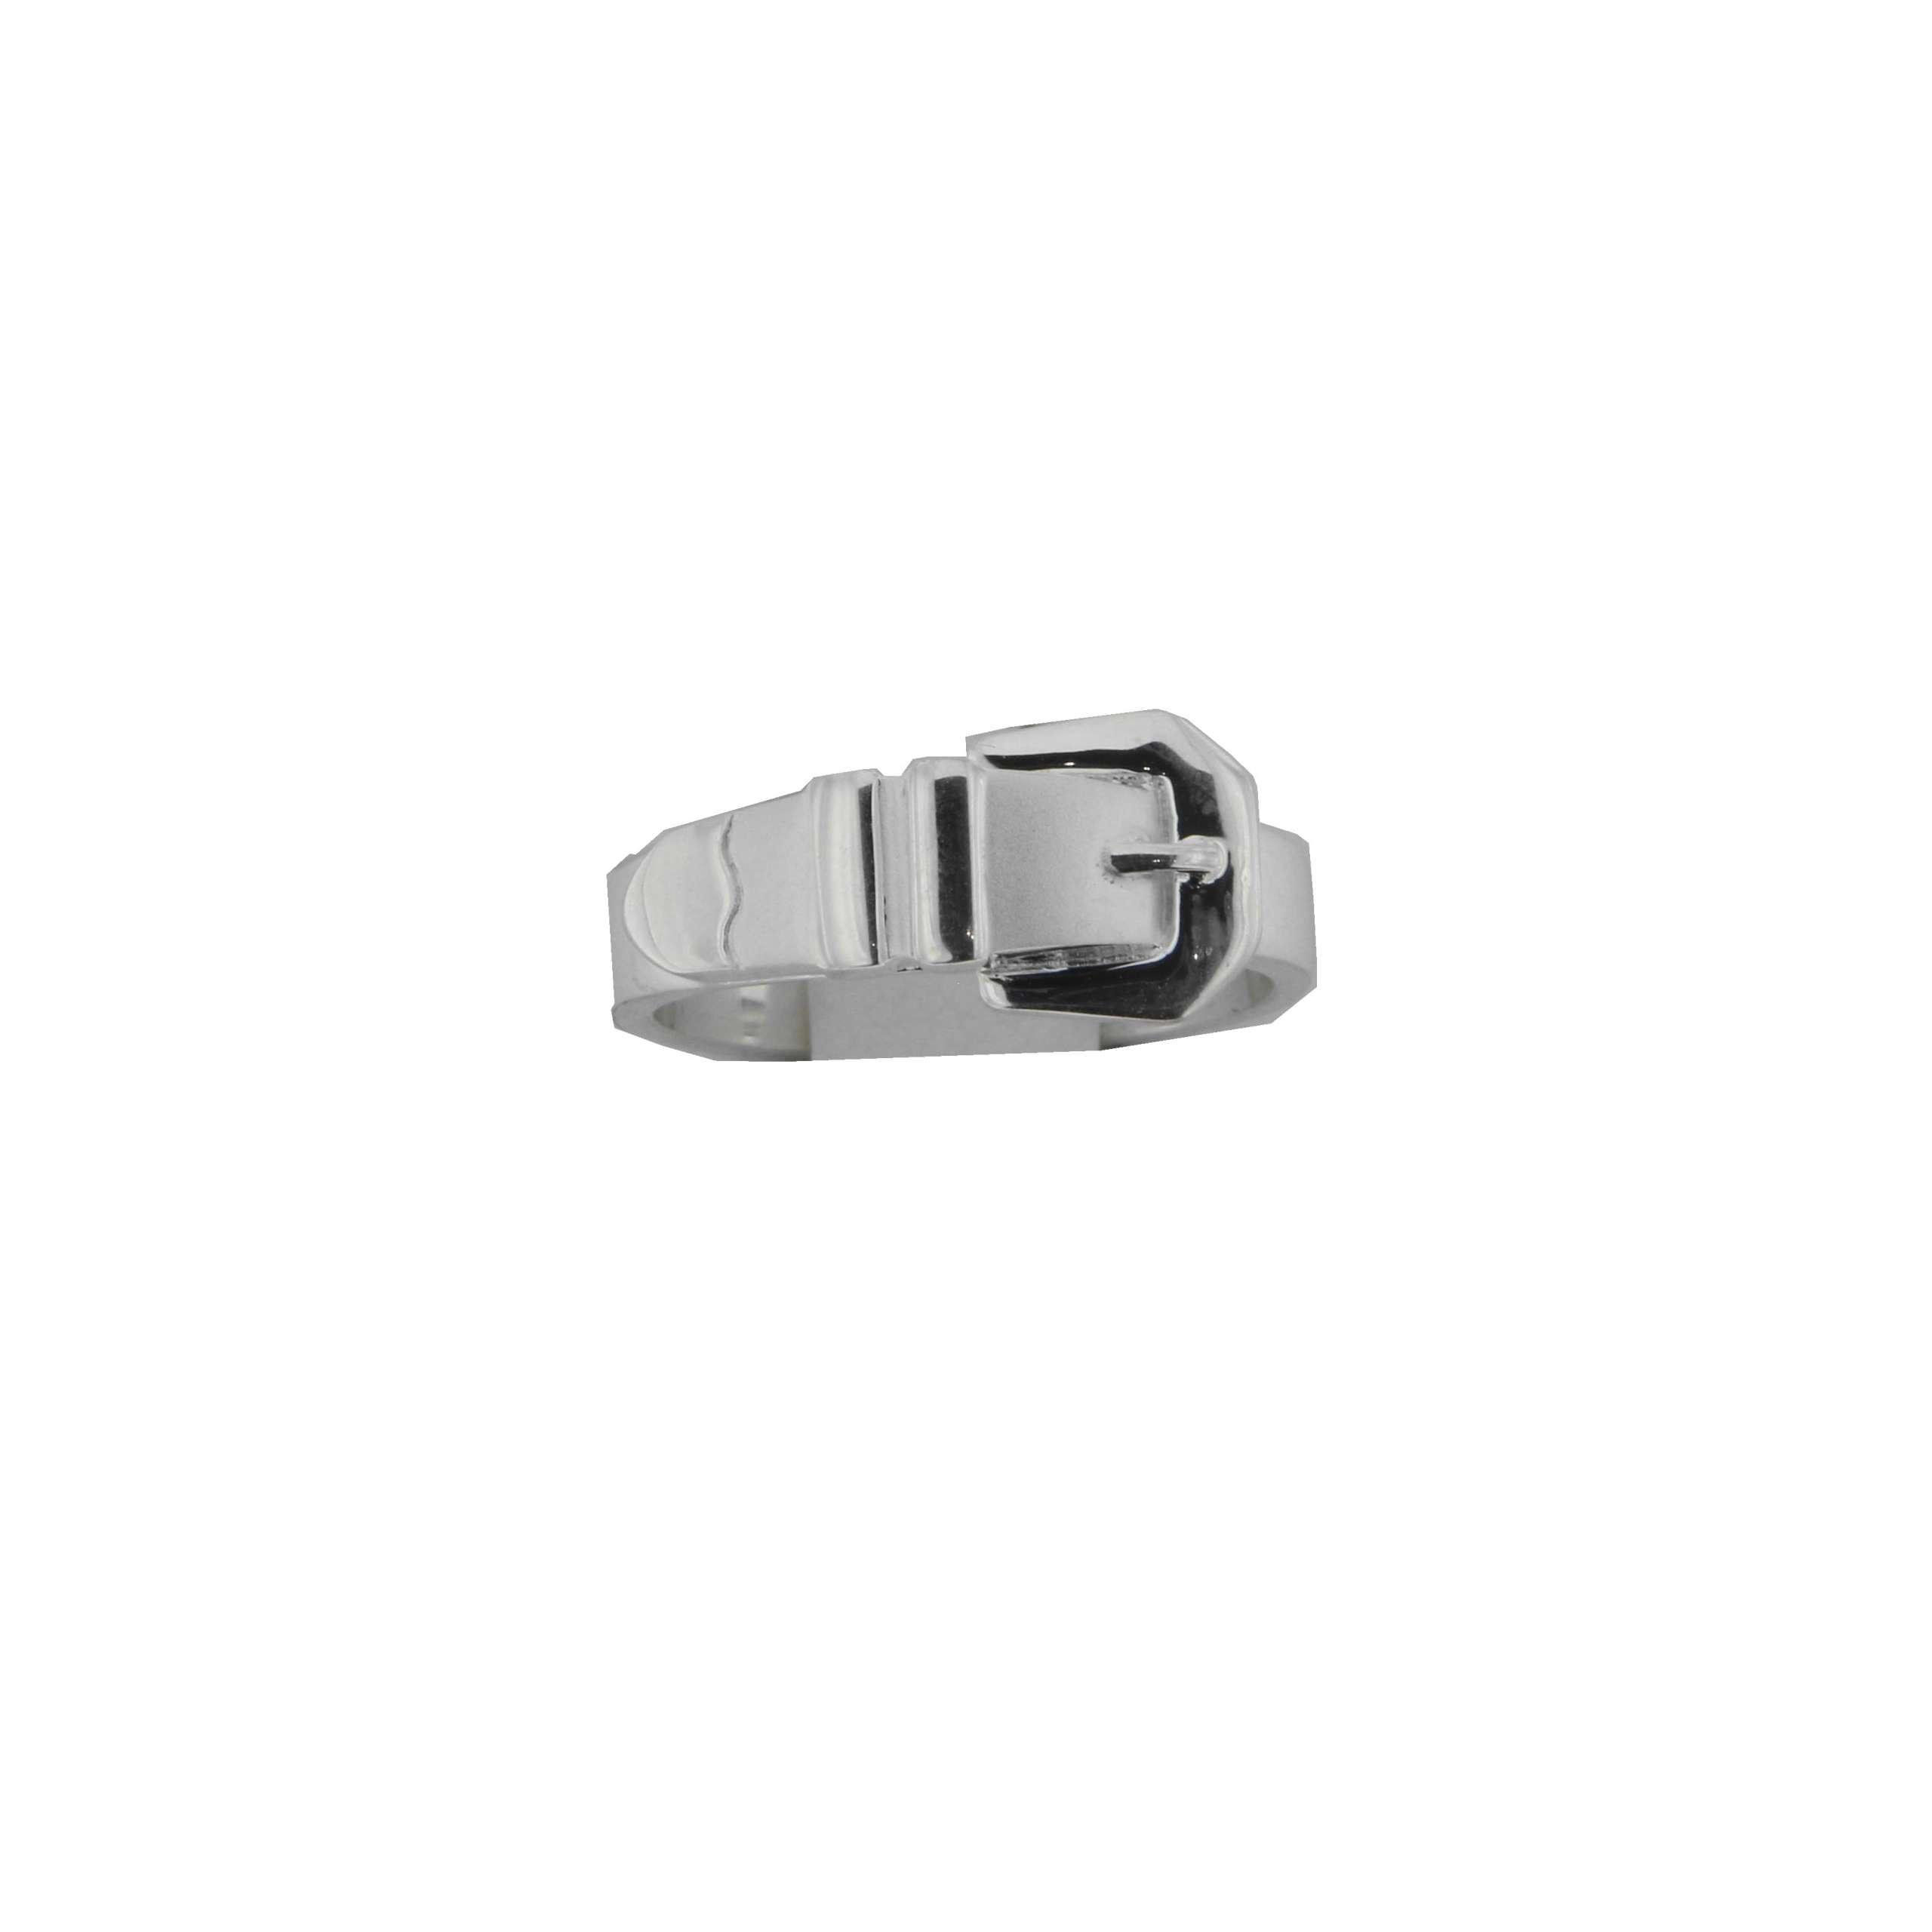 Derby Ring Buckle Gürtel Schließe Massiv Echt Silber 24422